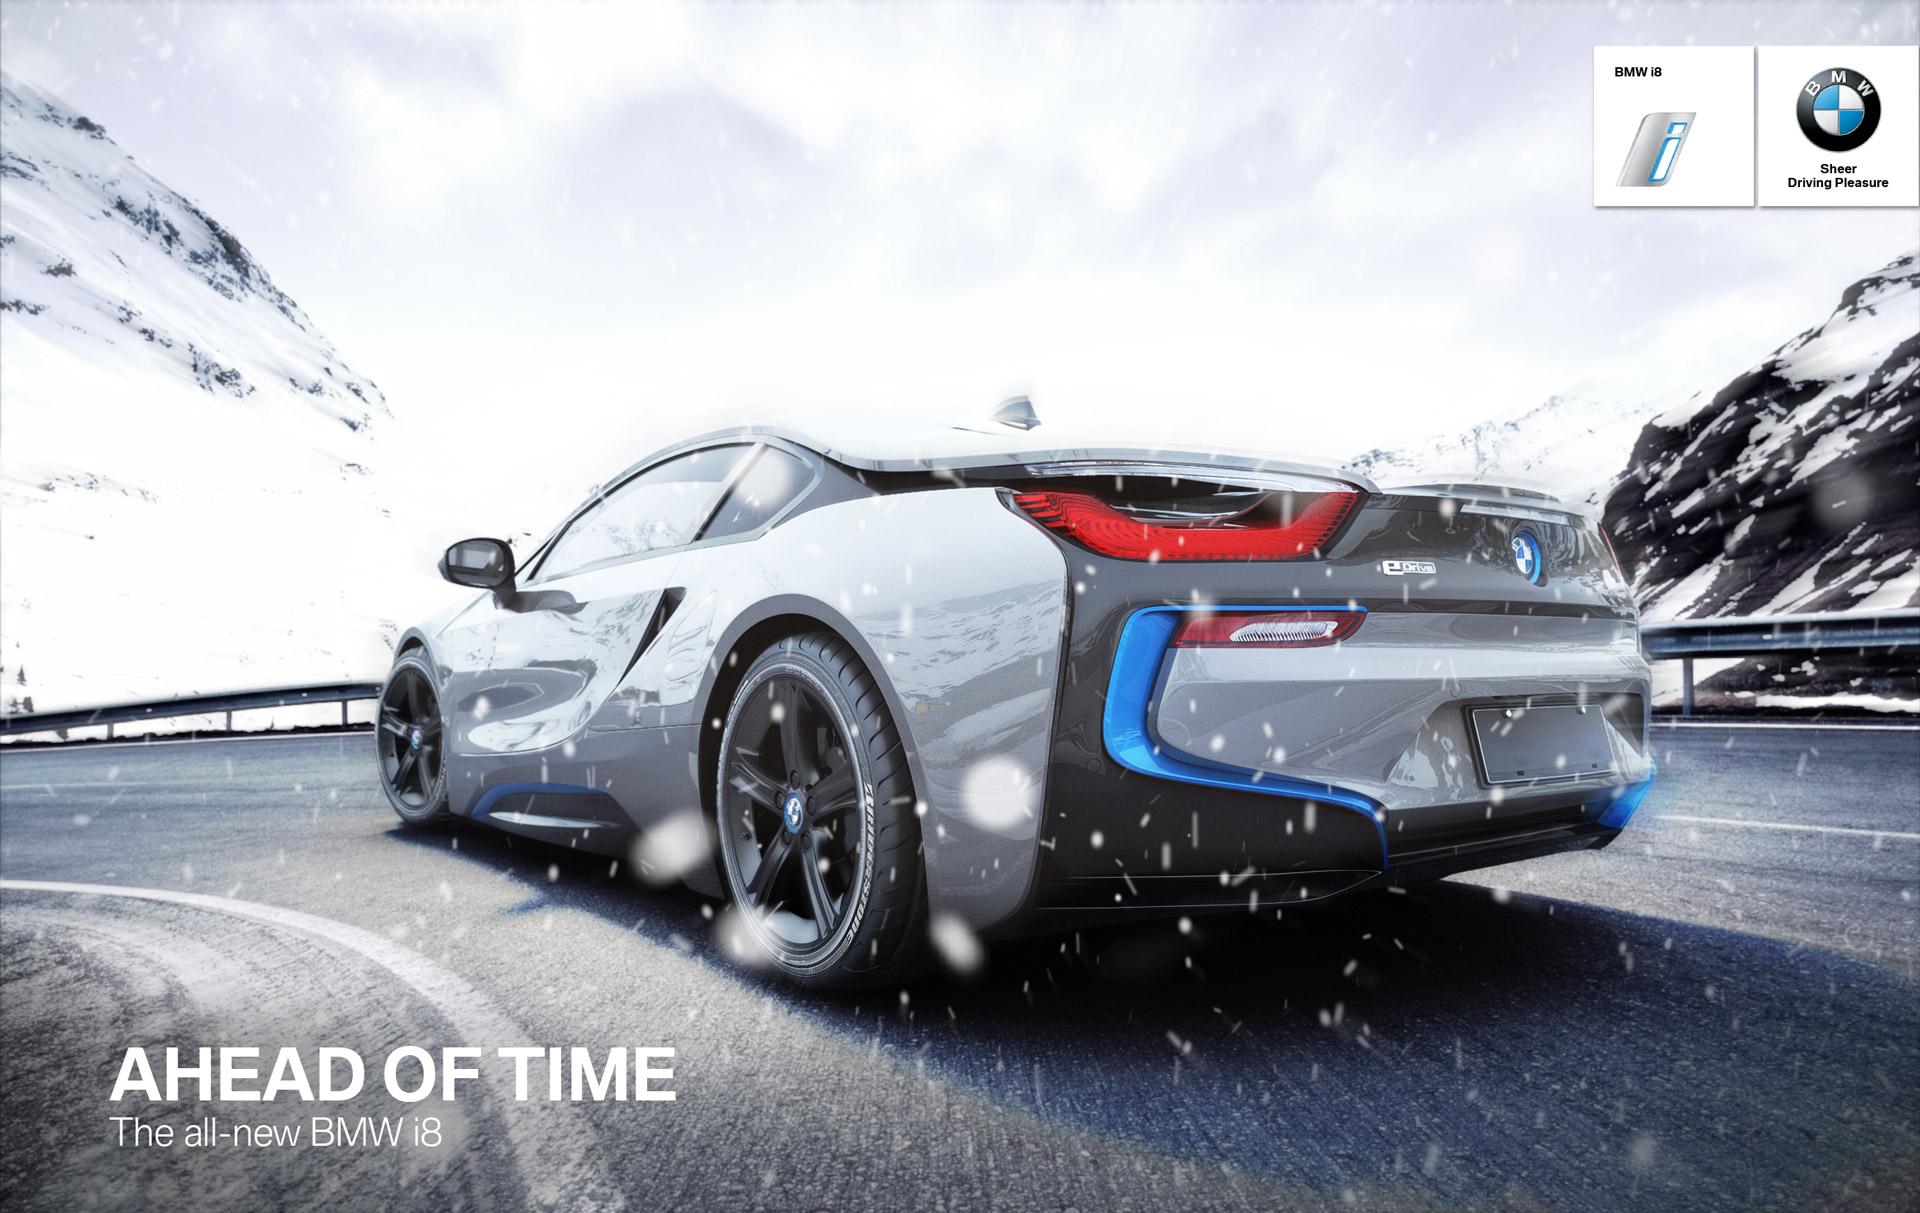 BMW_i8_Snow-03